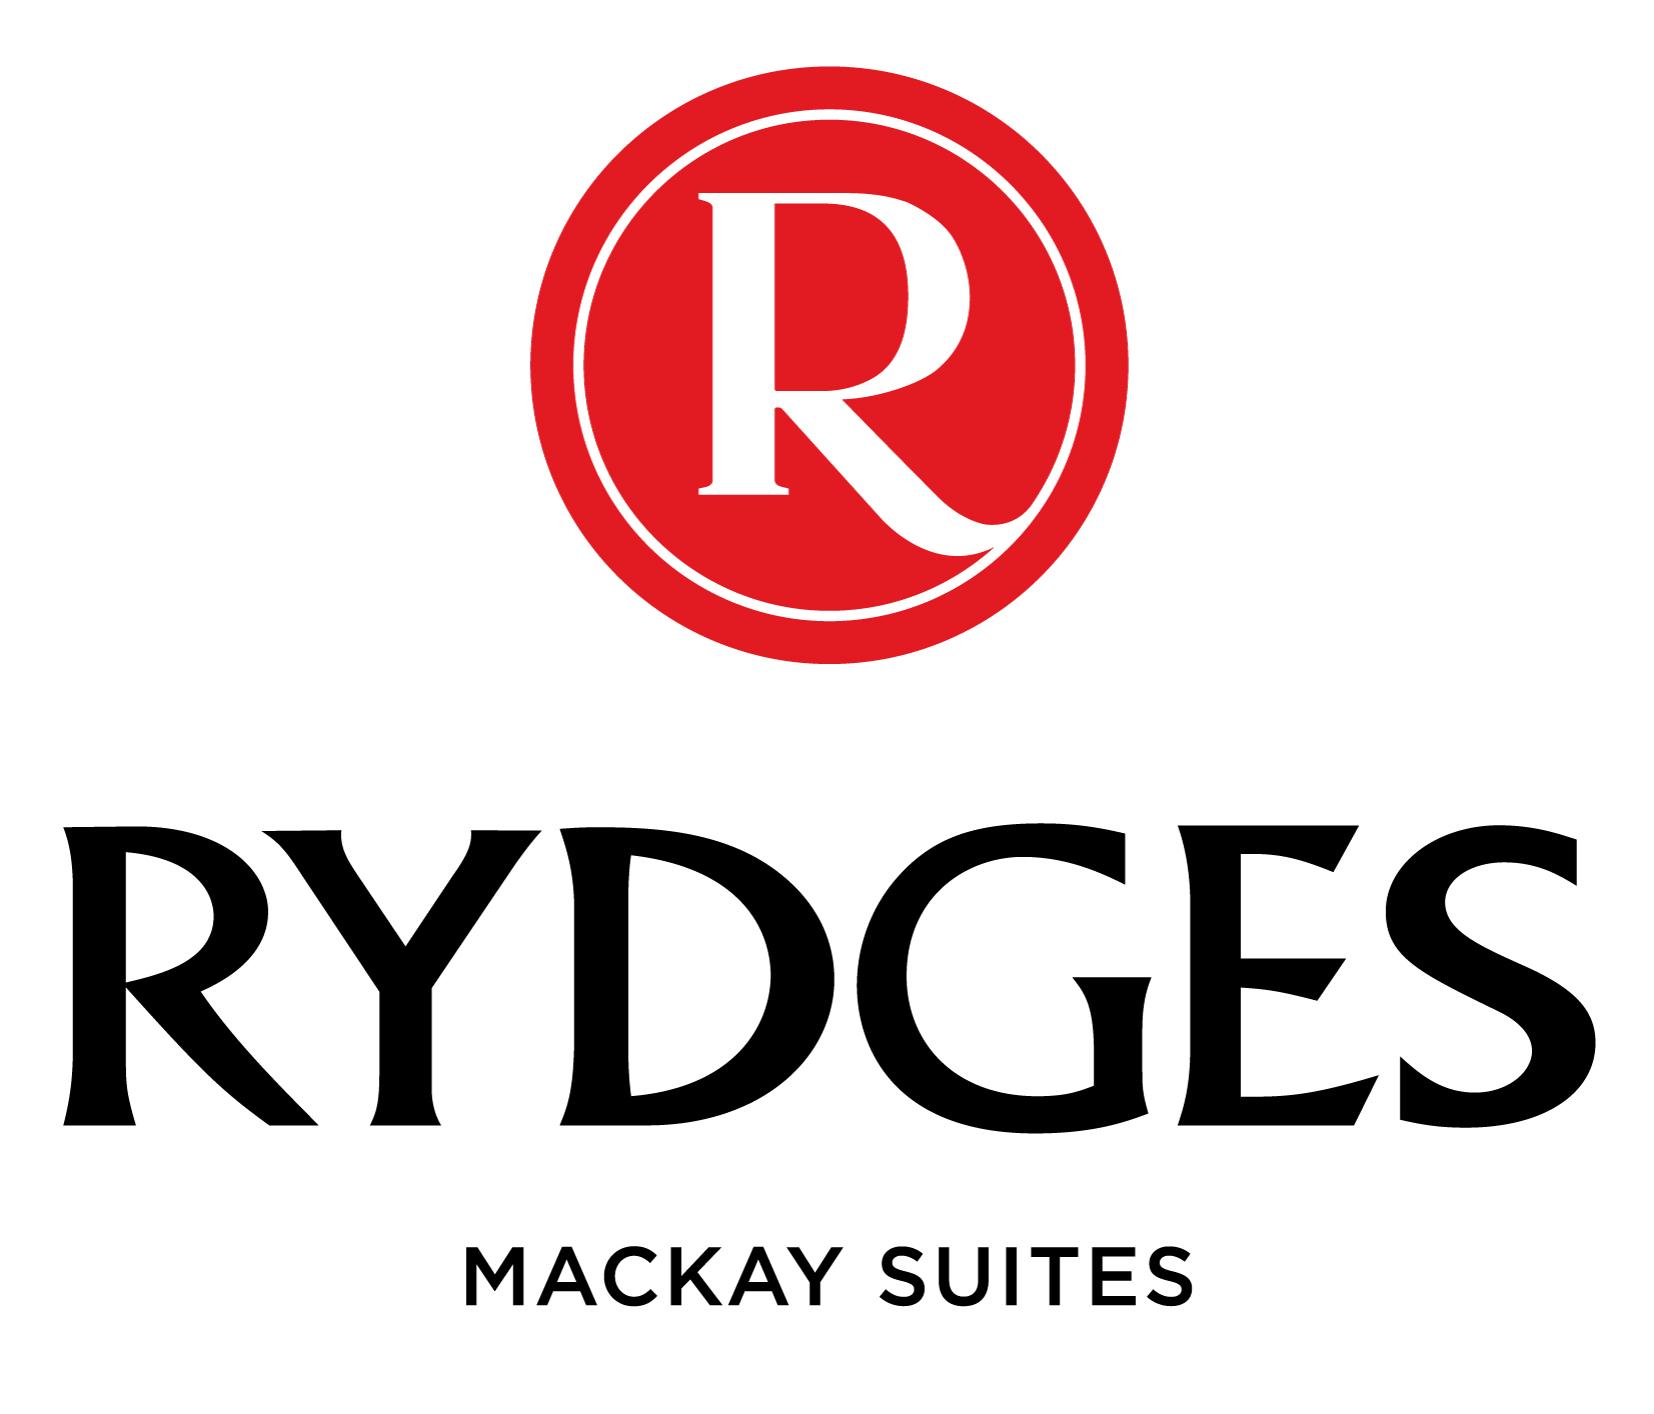 Rydges Mackay Suites Logo